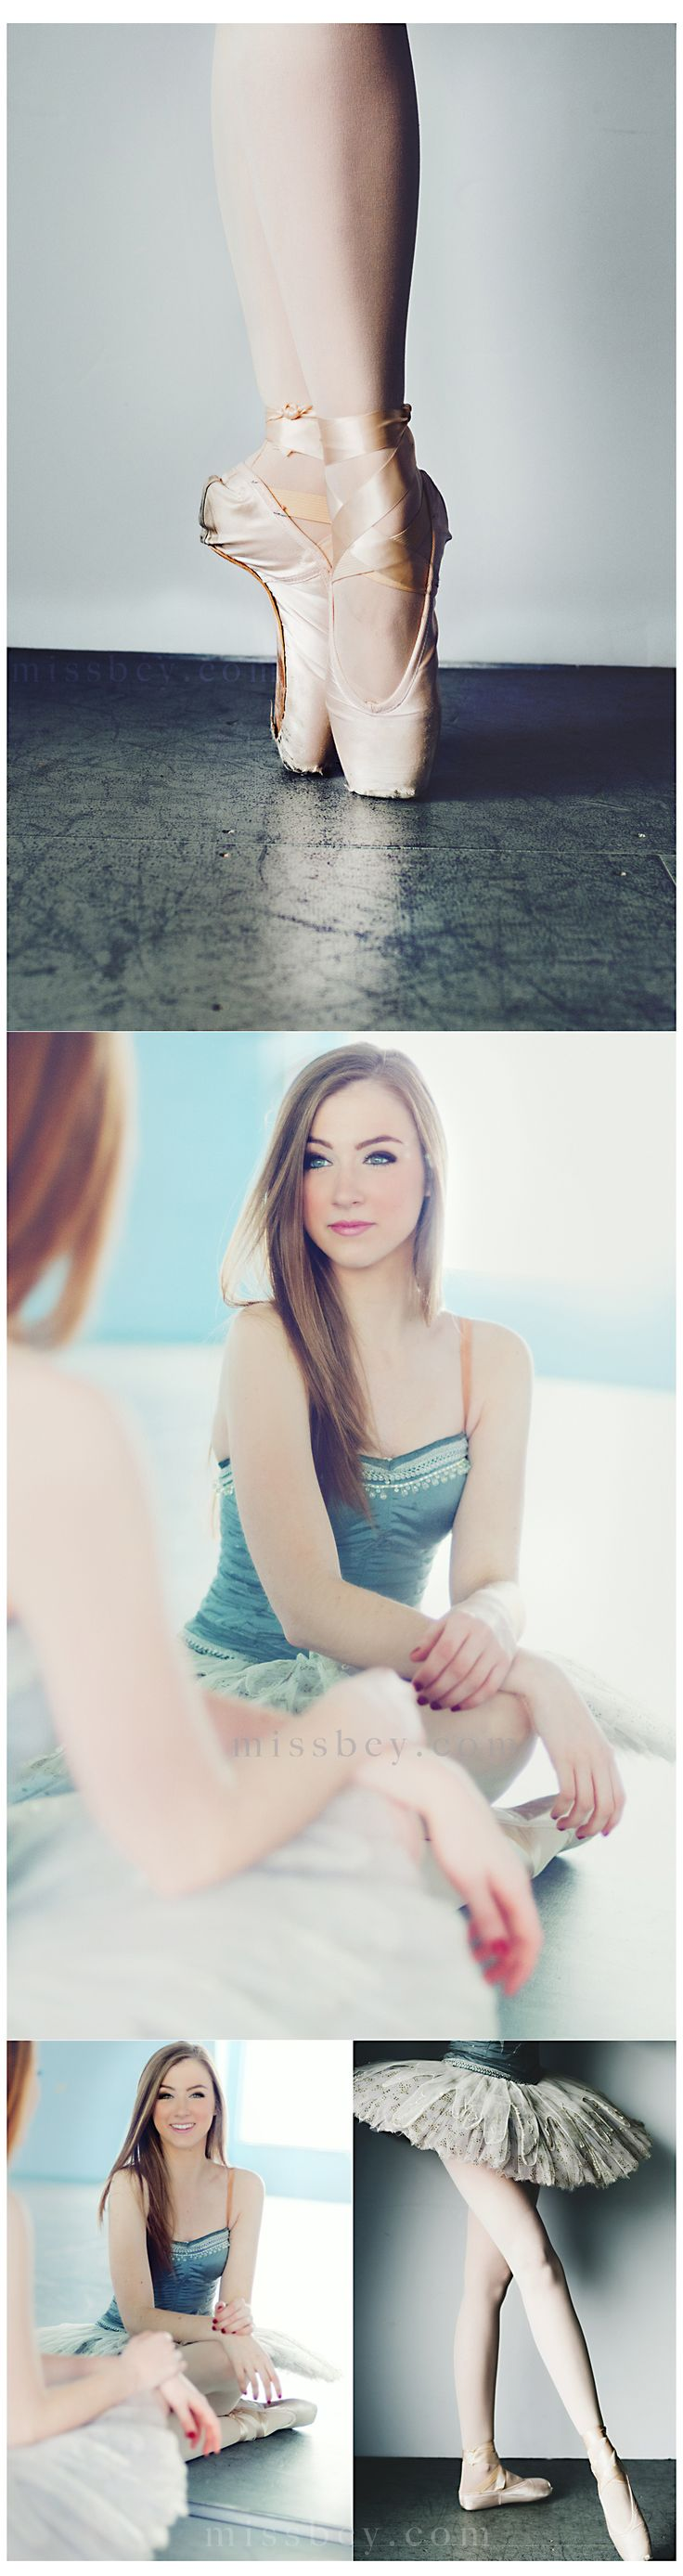 Senior Portraits Ballet